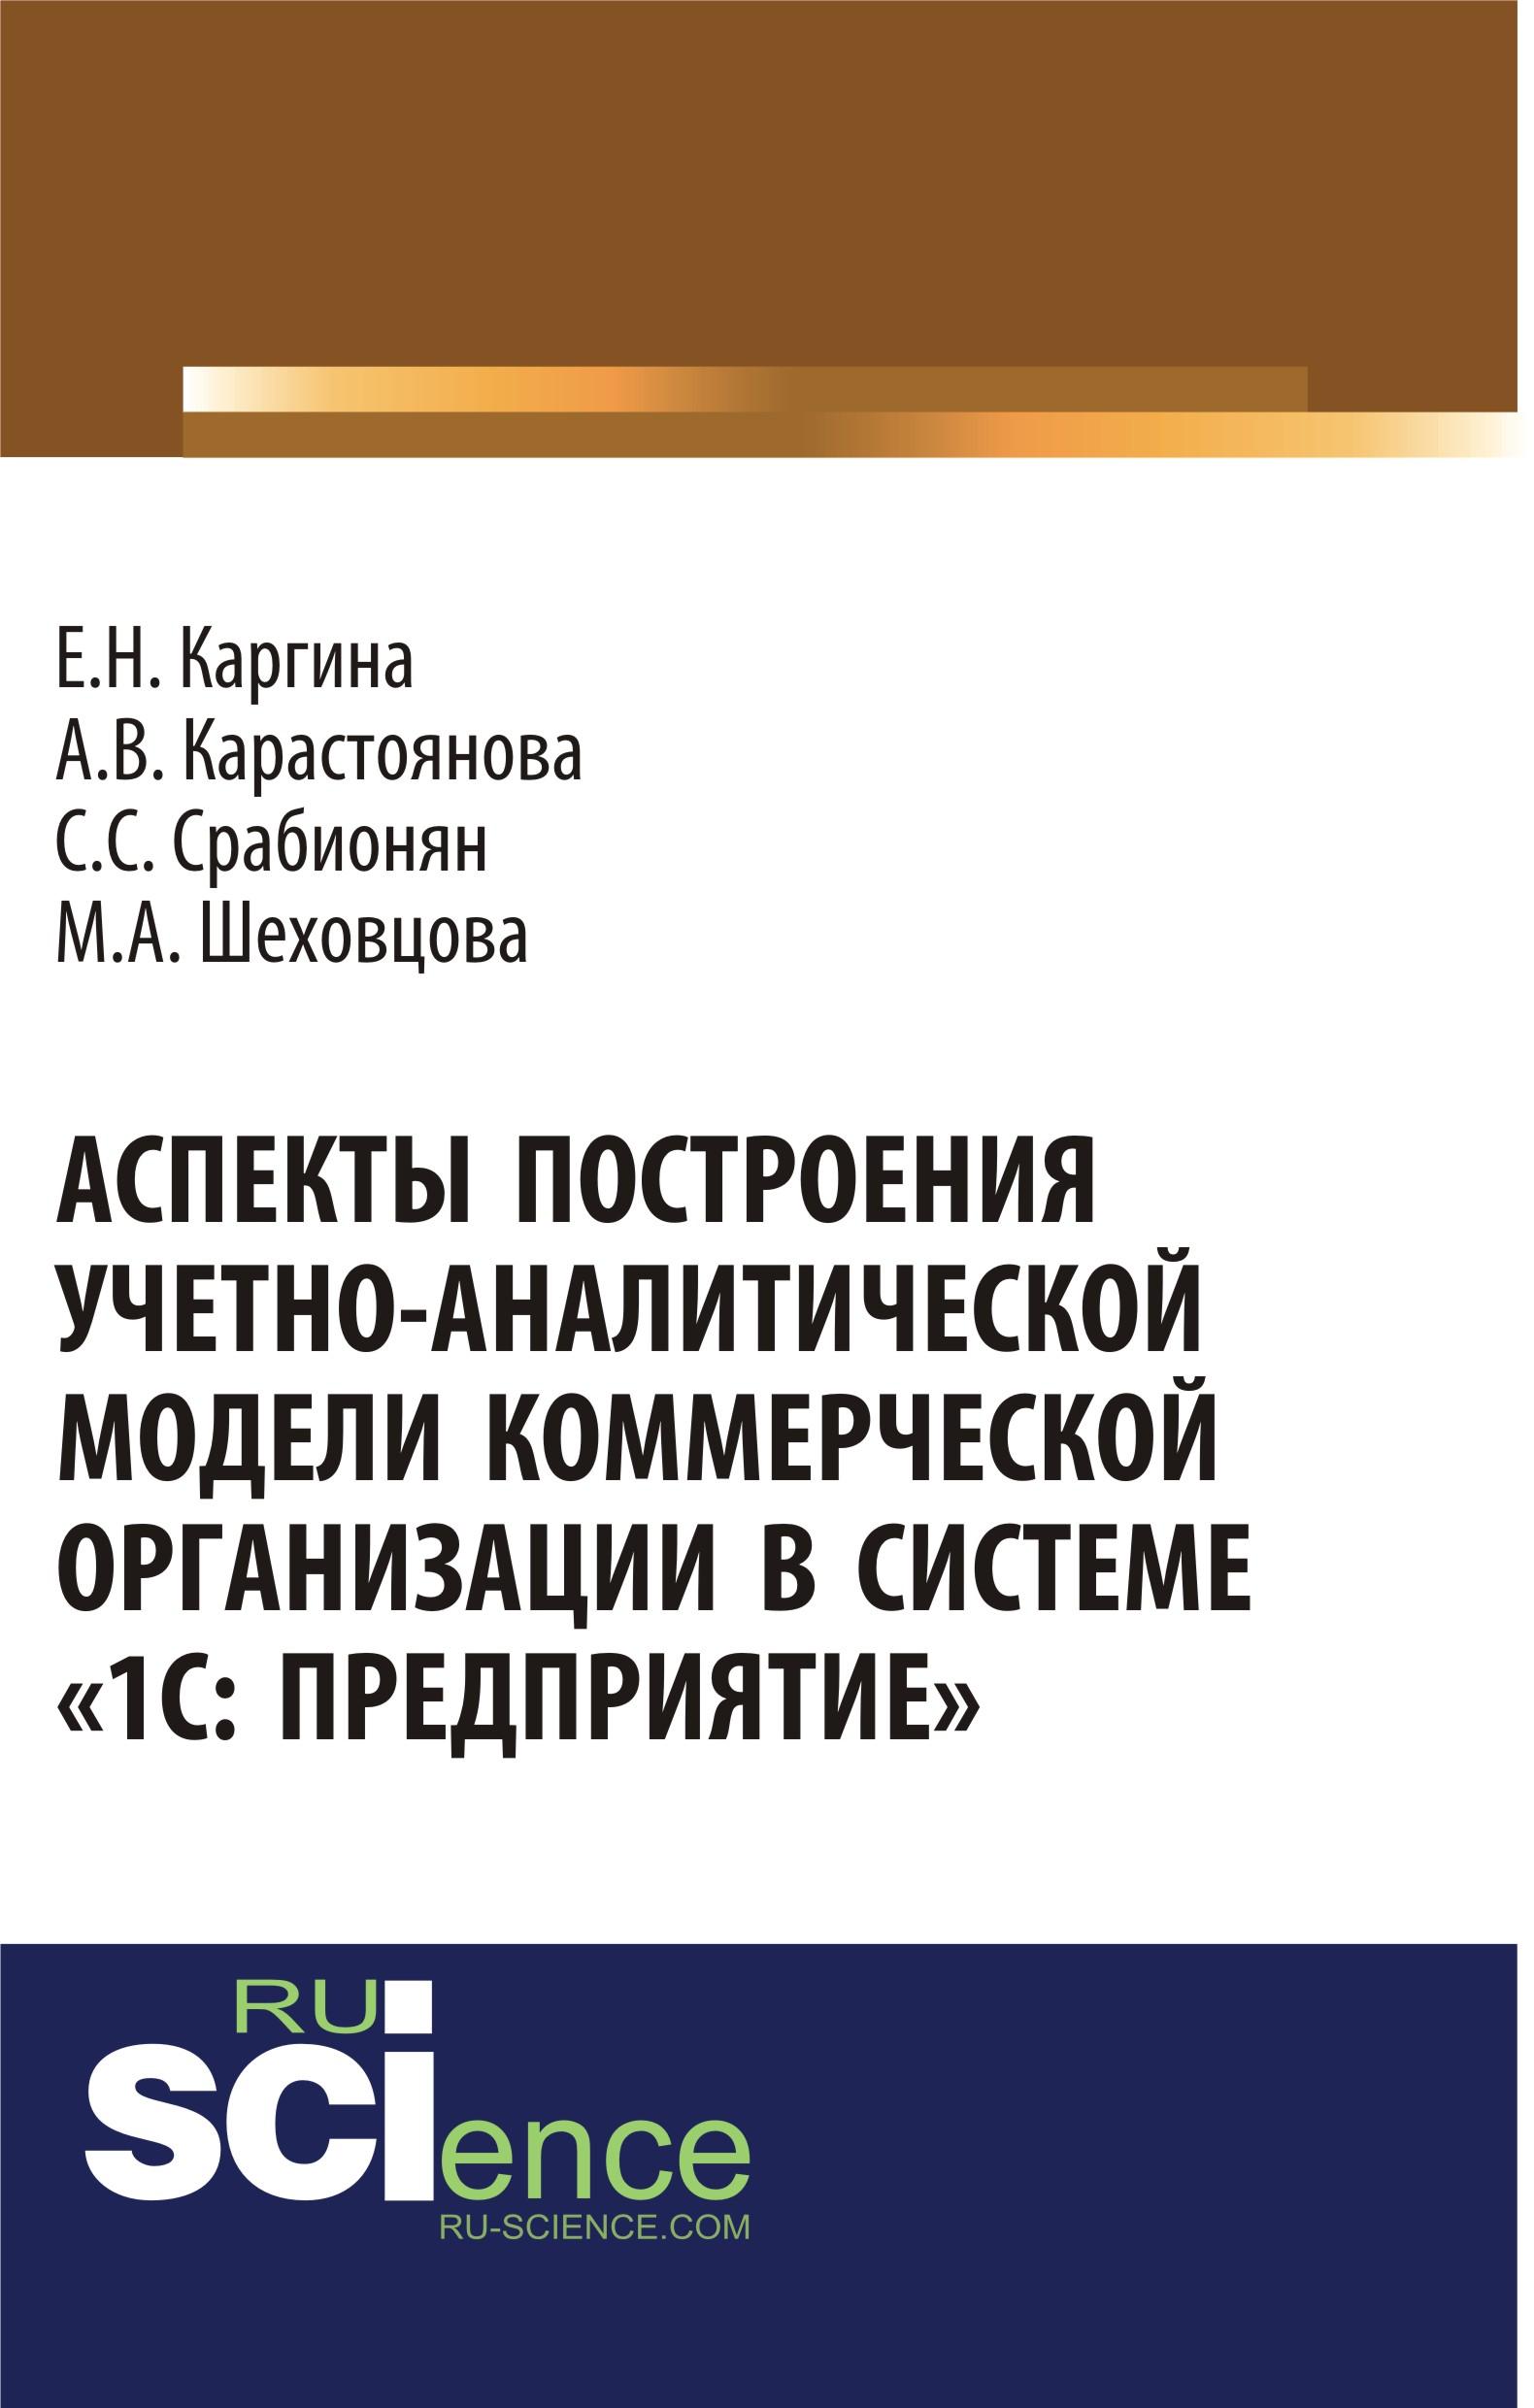 Е. Н. Каргина, А. В. Карастоянова, С. С. Срабионян, М. А. Шеховцова Аспекты построения учетно-аналитической модели коммерческой организации в системе «1С: Предприятие»